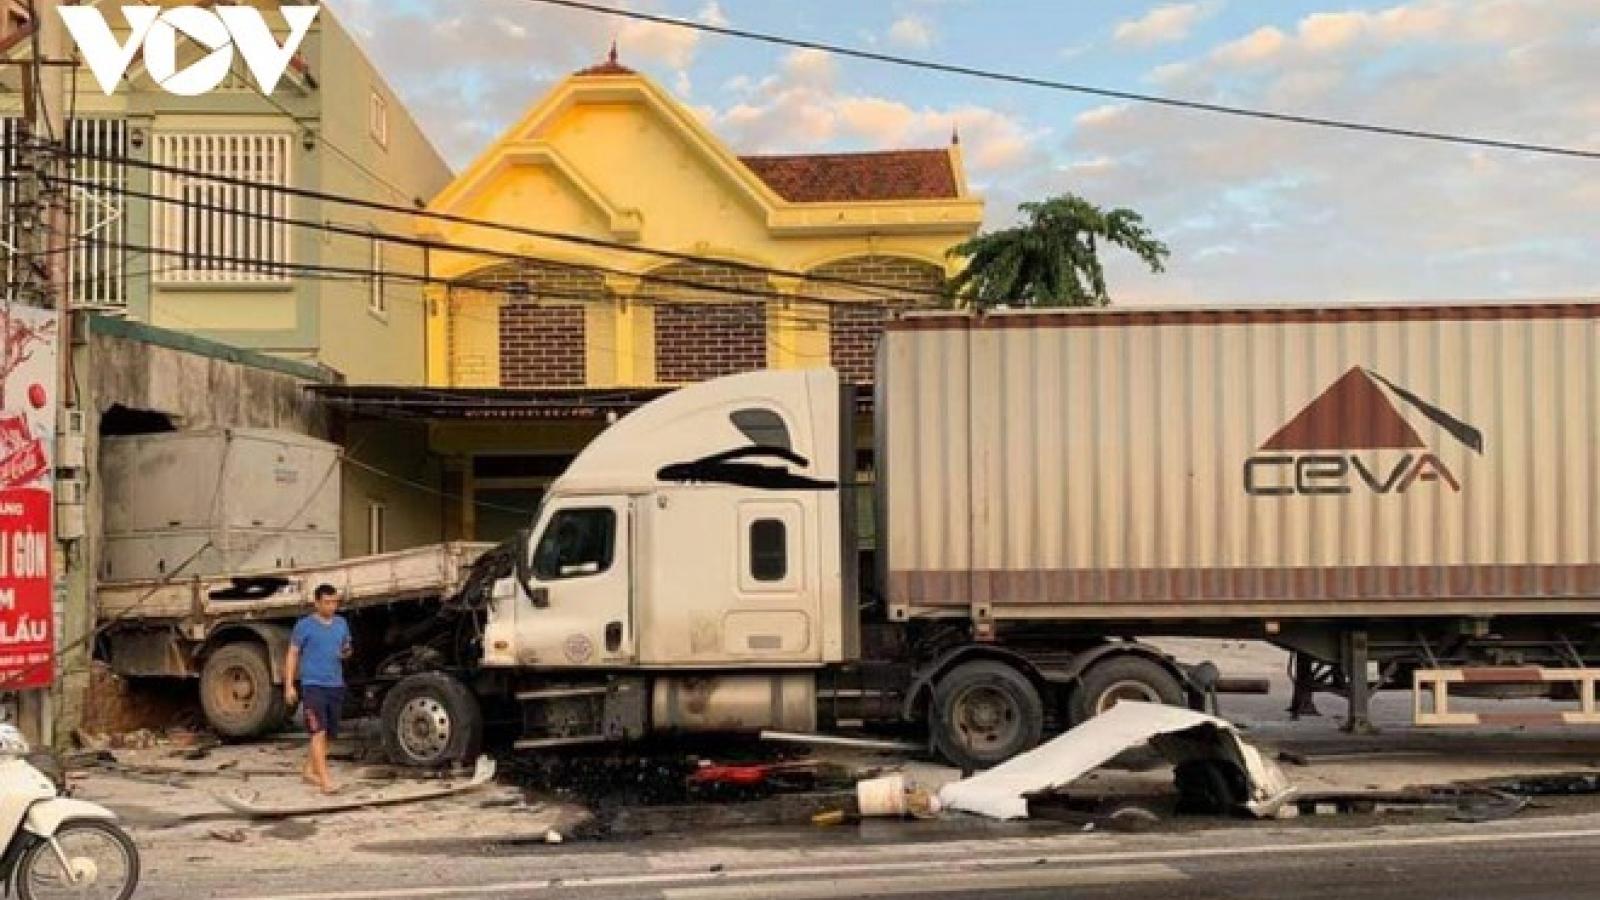 Sóc Trăng: 7 ngày Tết xảy ra 13 vụ TNGT với 8 người chết và 17 người bị thương